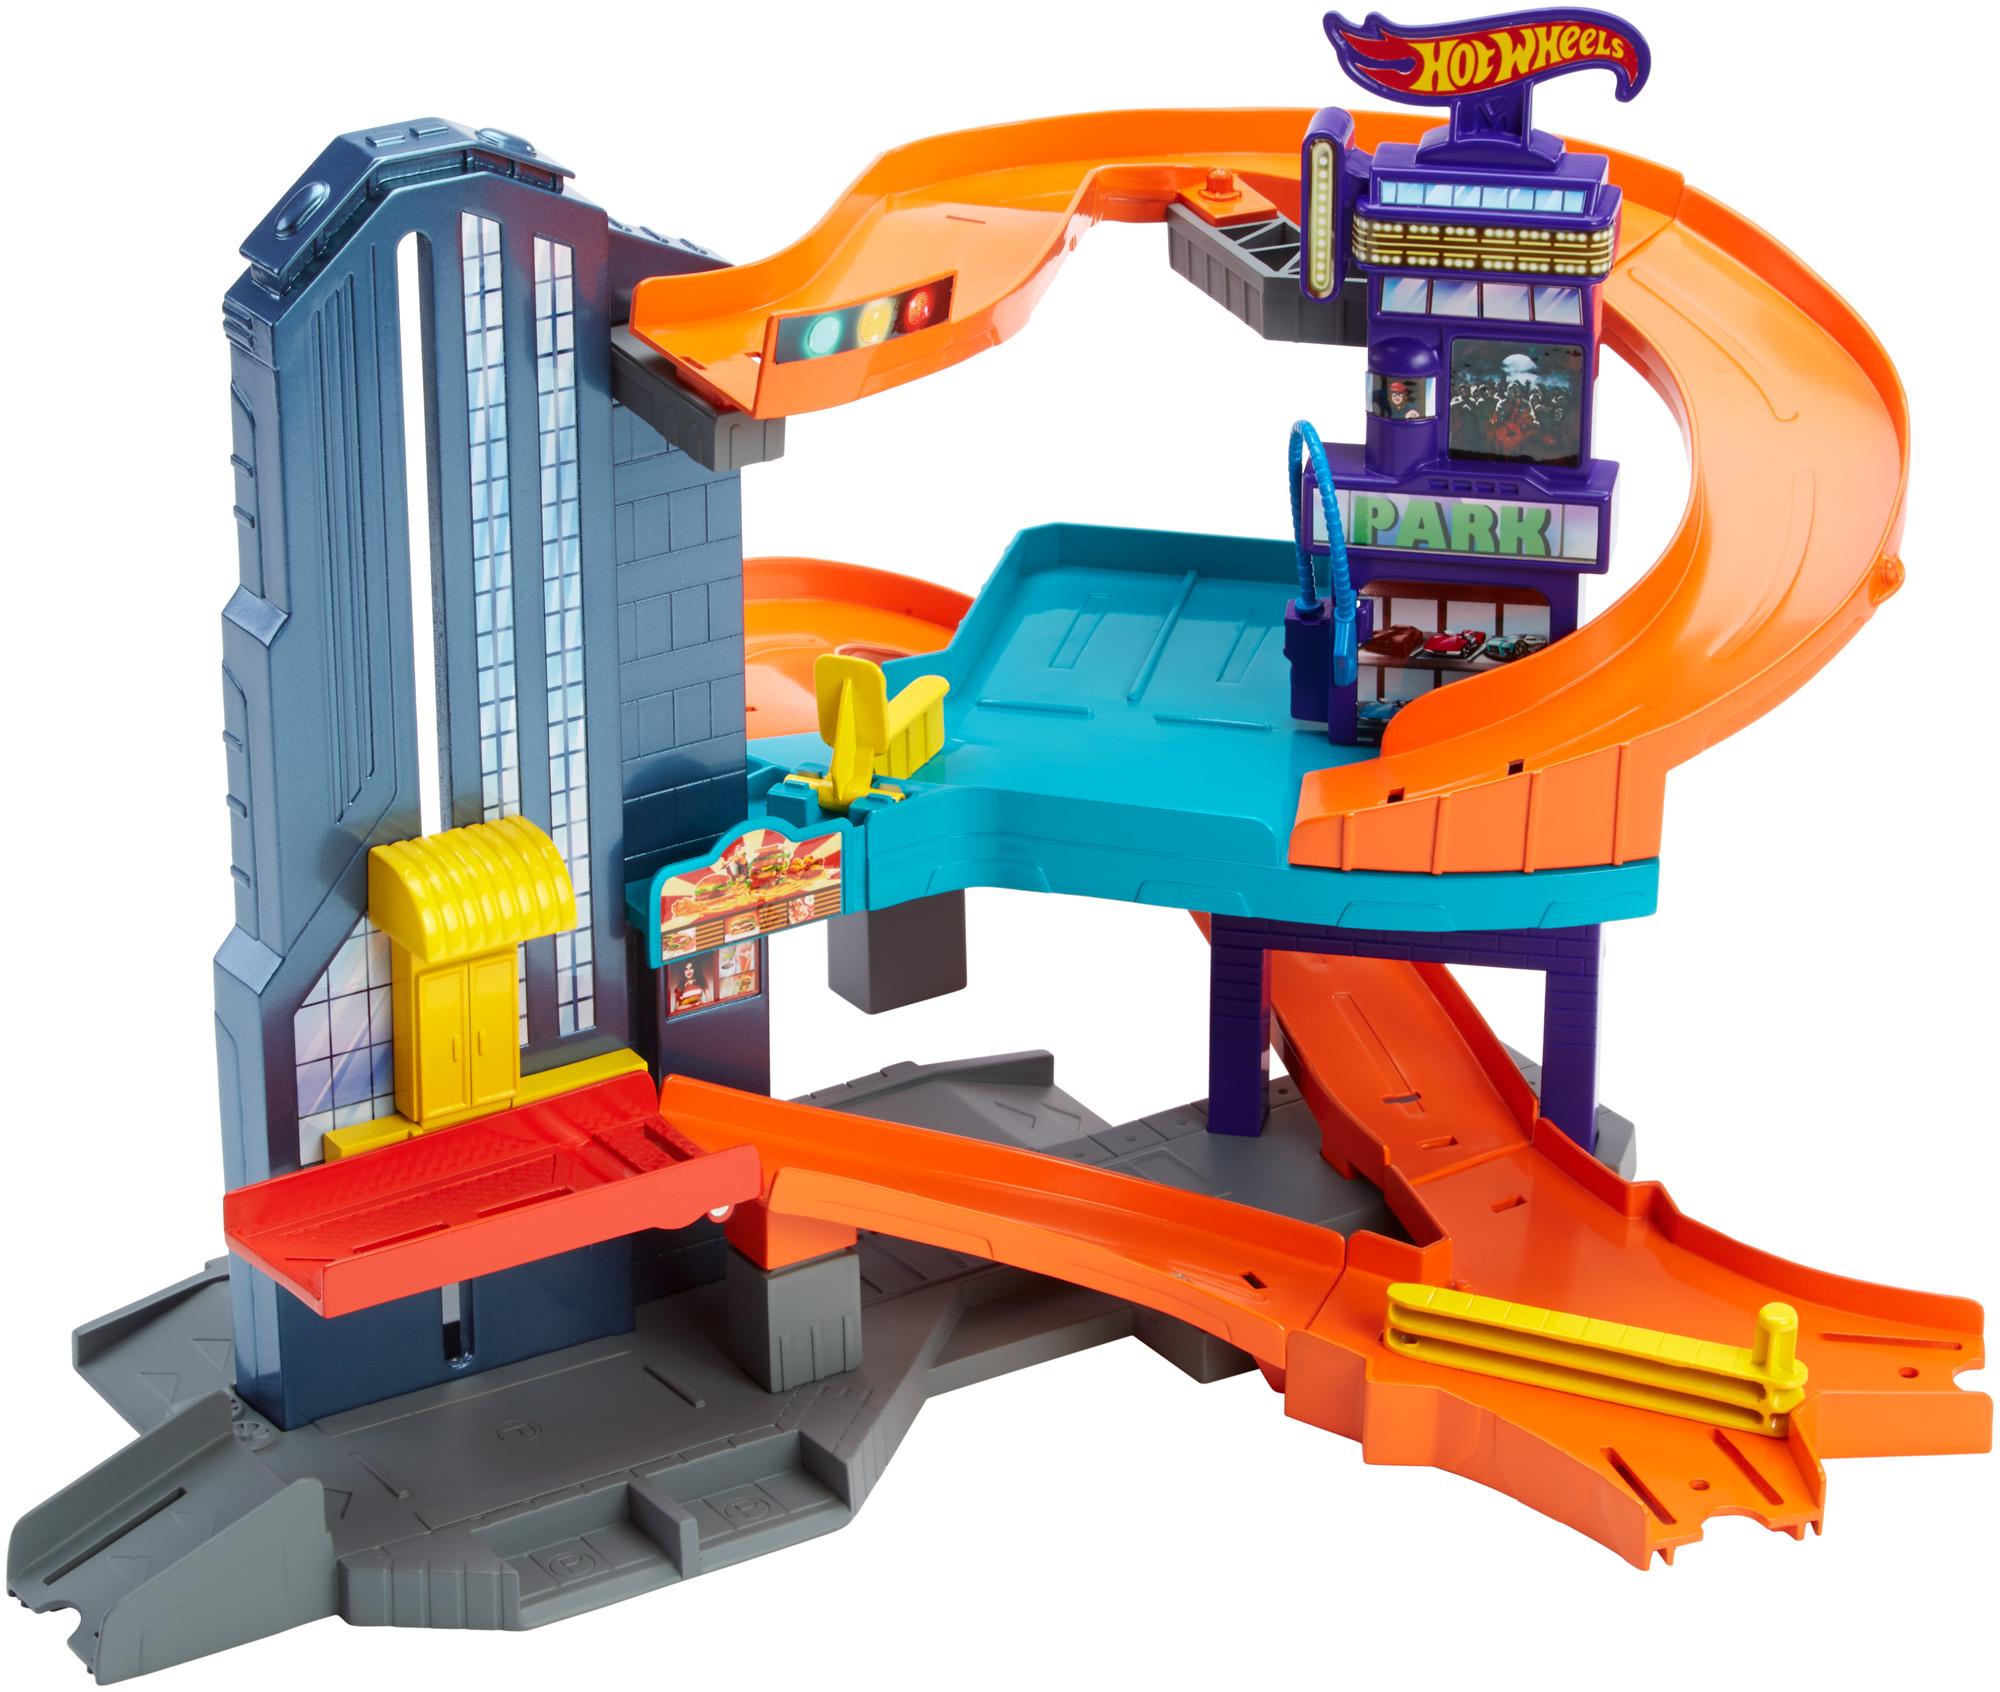 Hot Wheels Speedtropolis Track Set by Mattel